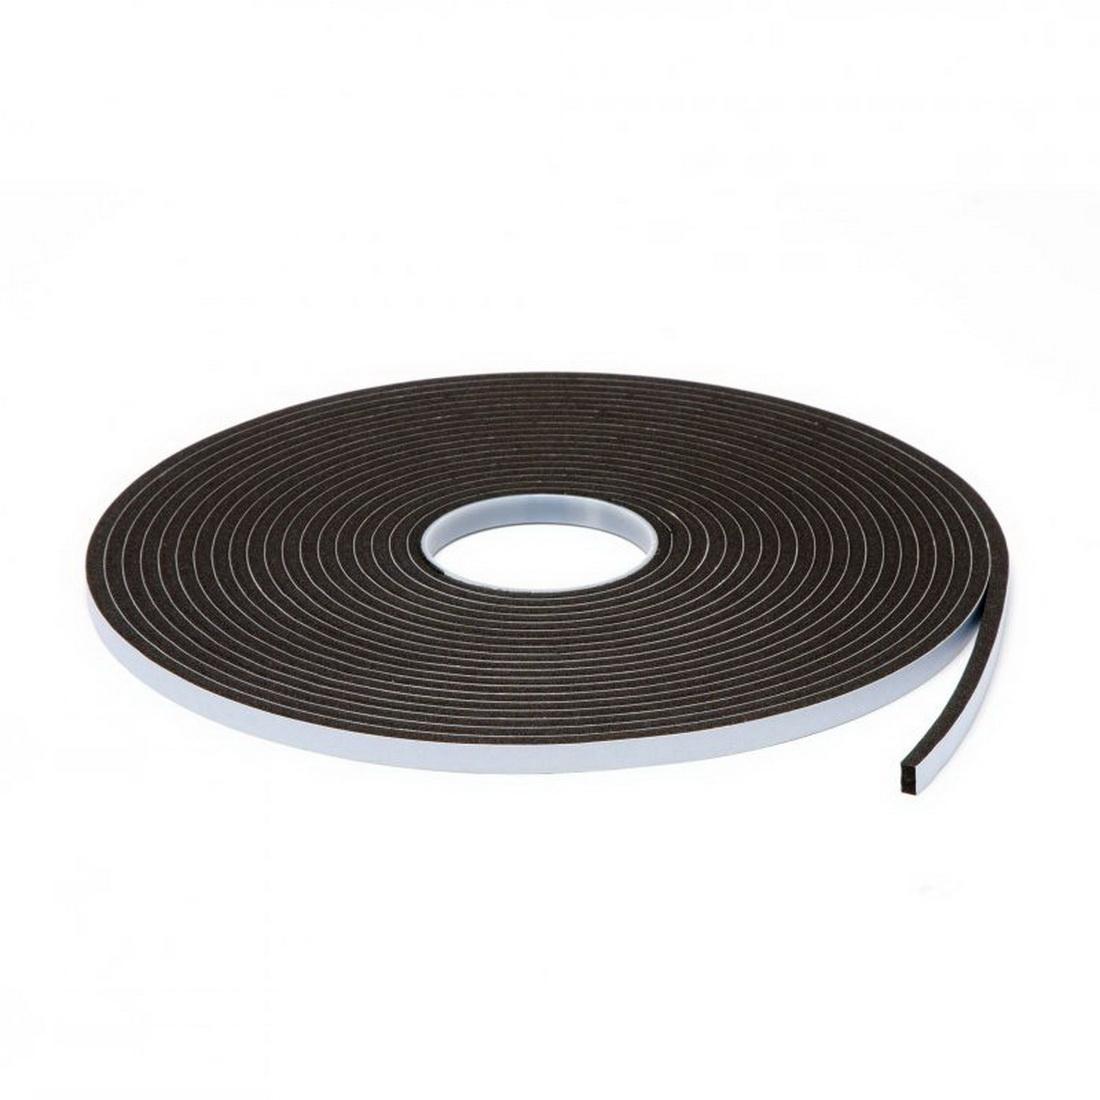 Inseal Single Sided Foam Tape 6mm x 10mm x 12m Black